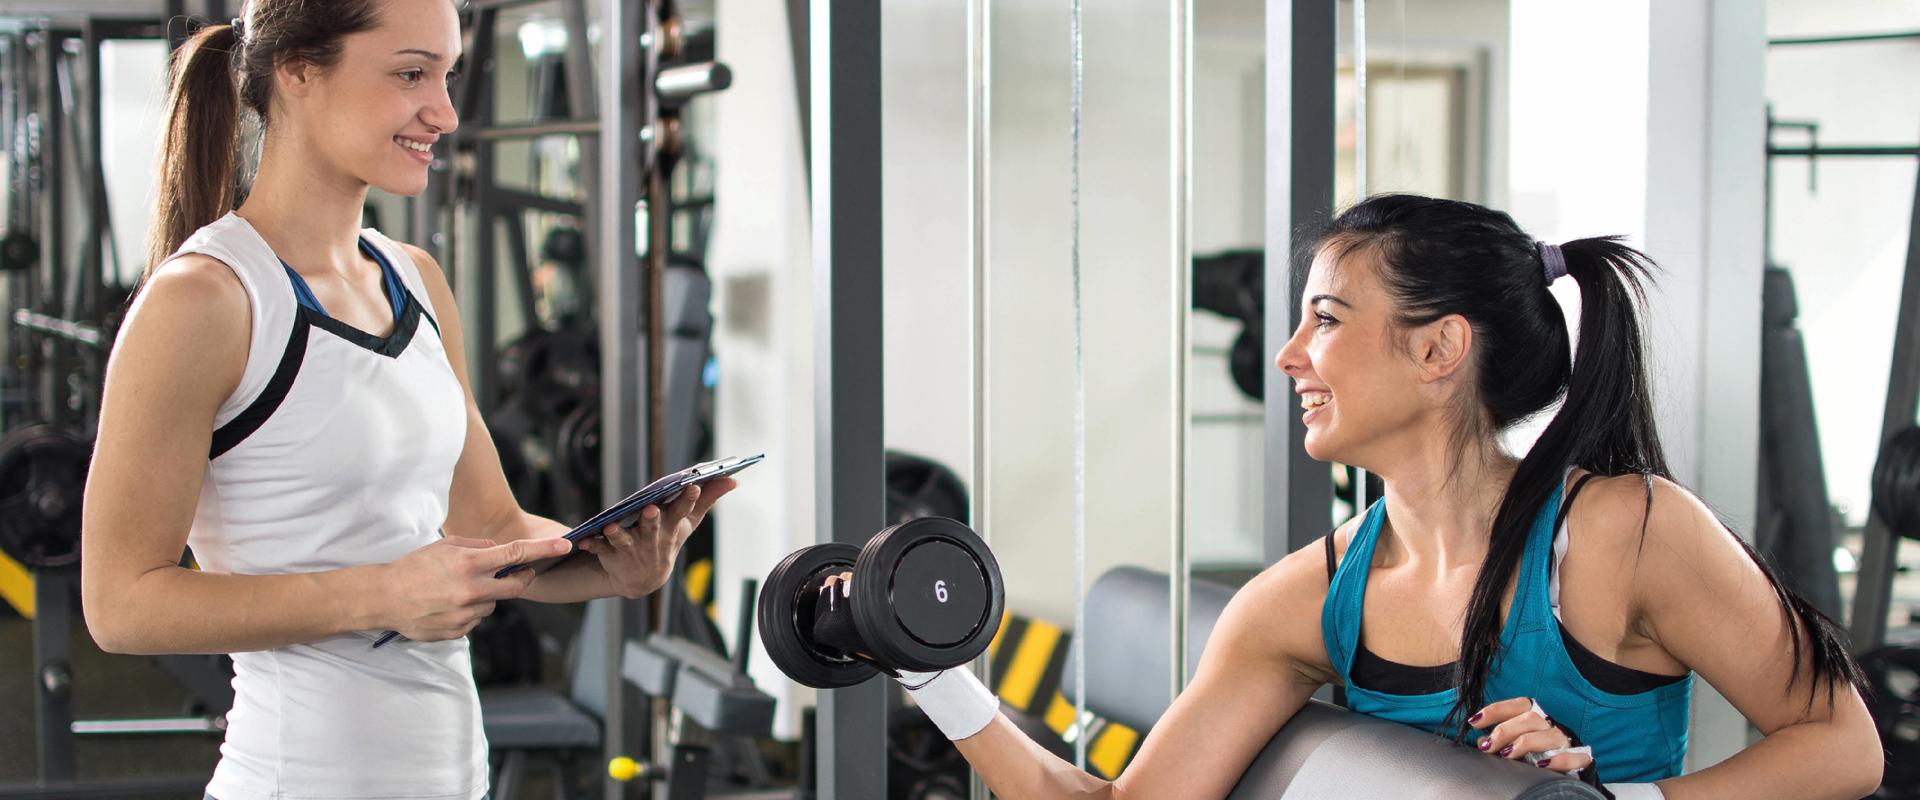 Thuis sporten en 3 tips om het zwaarder te maken